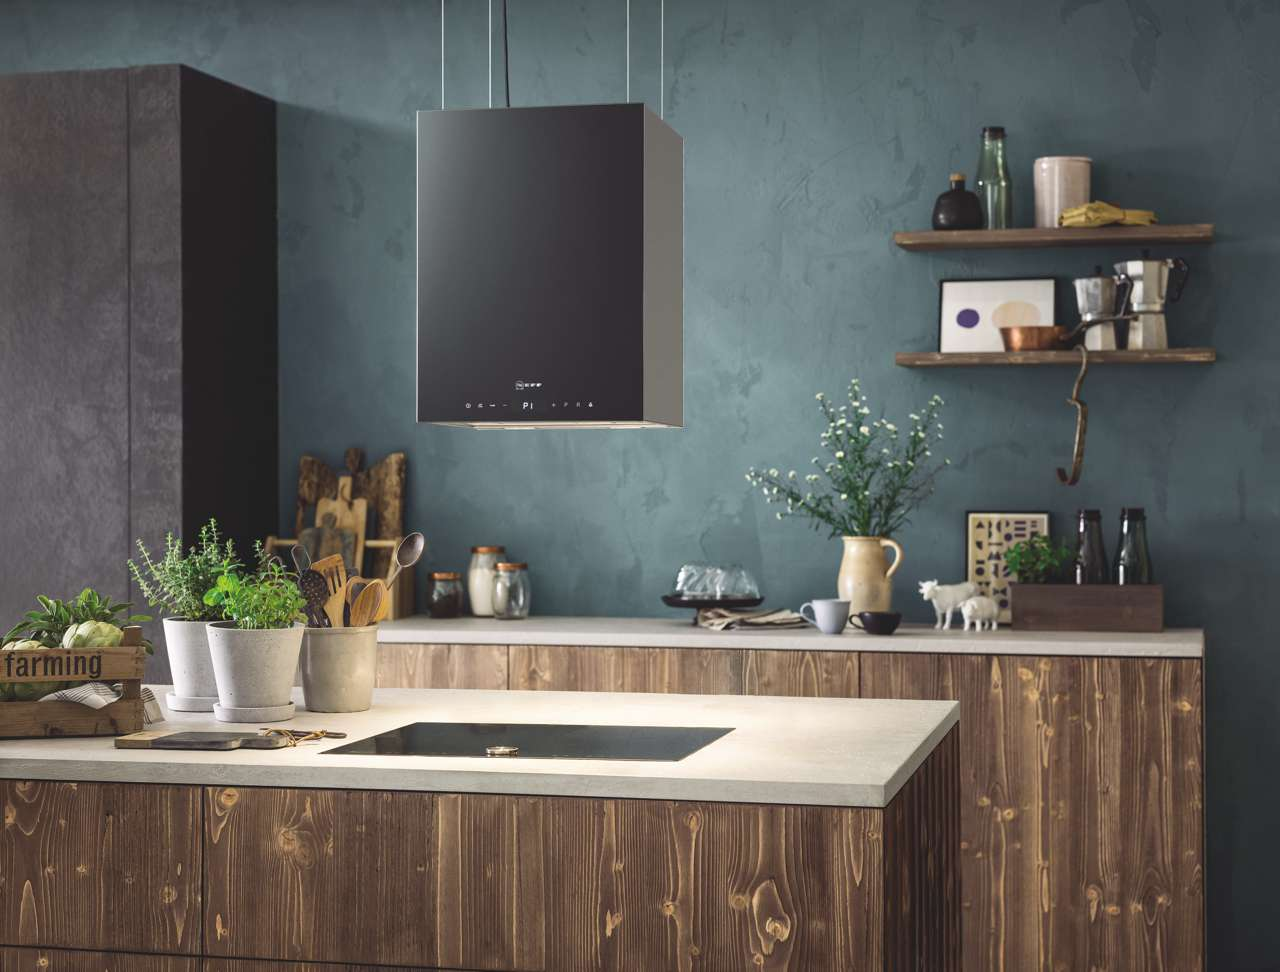 f r jeden geschmack ist was dabei k chen journal. Black Bedroom Furniture Sets. Home Design Ideas